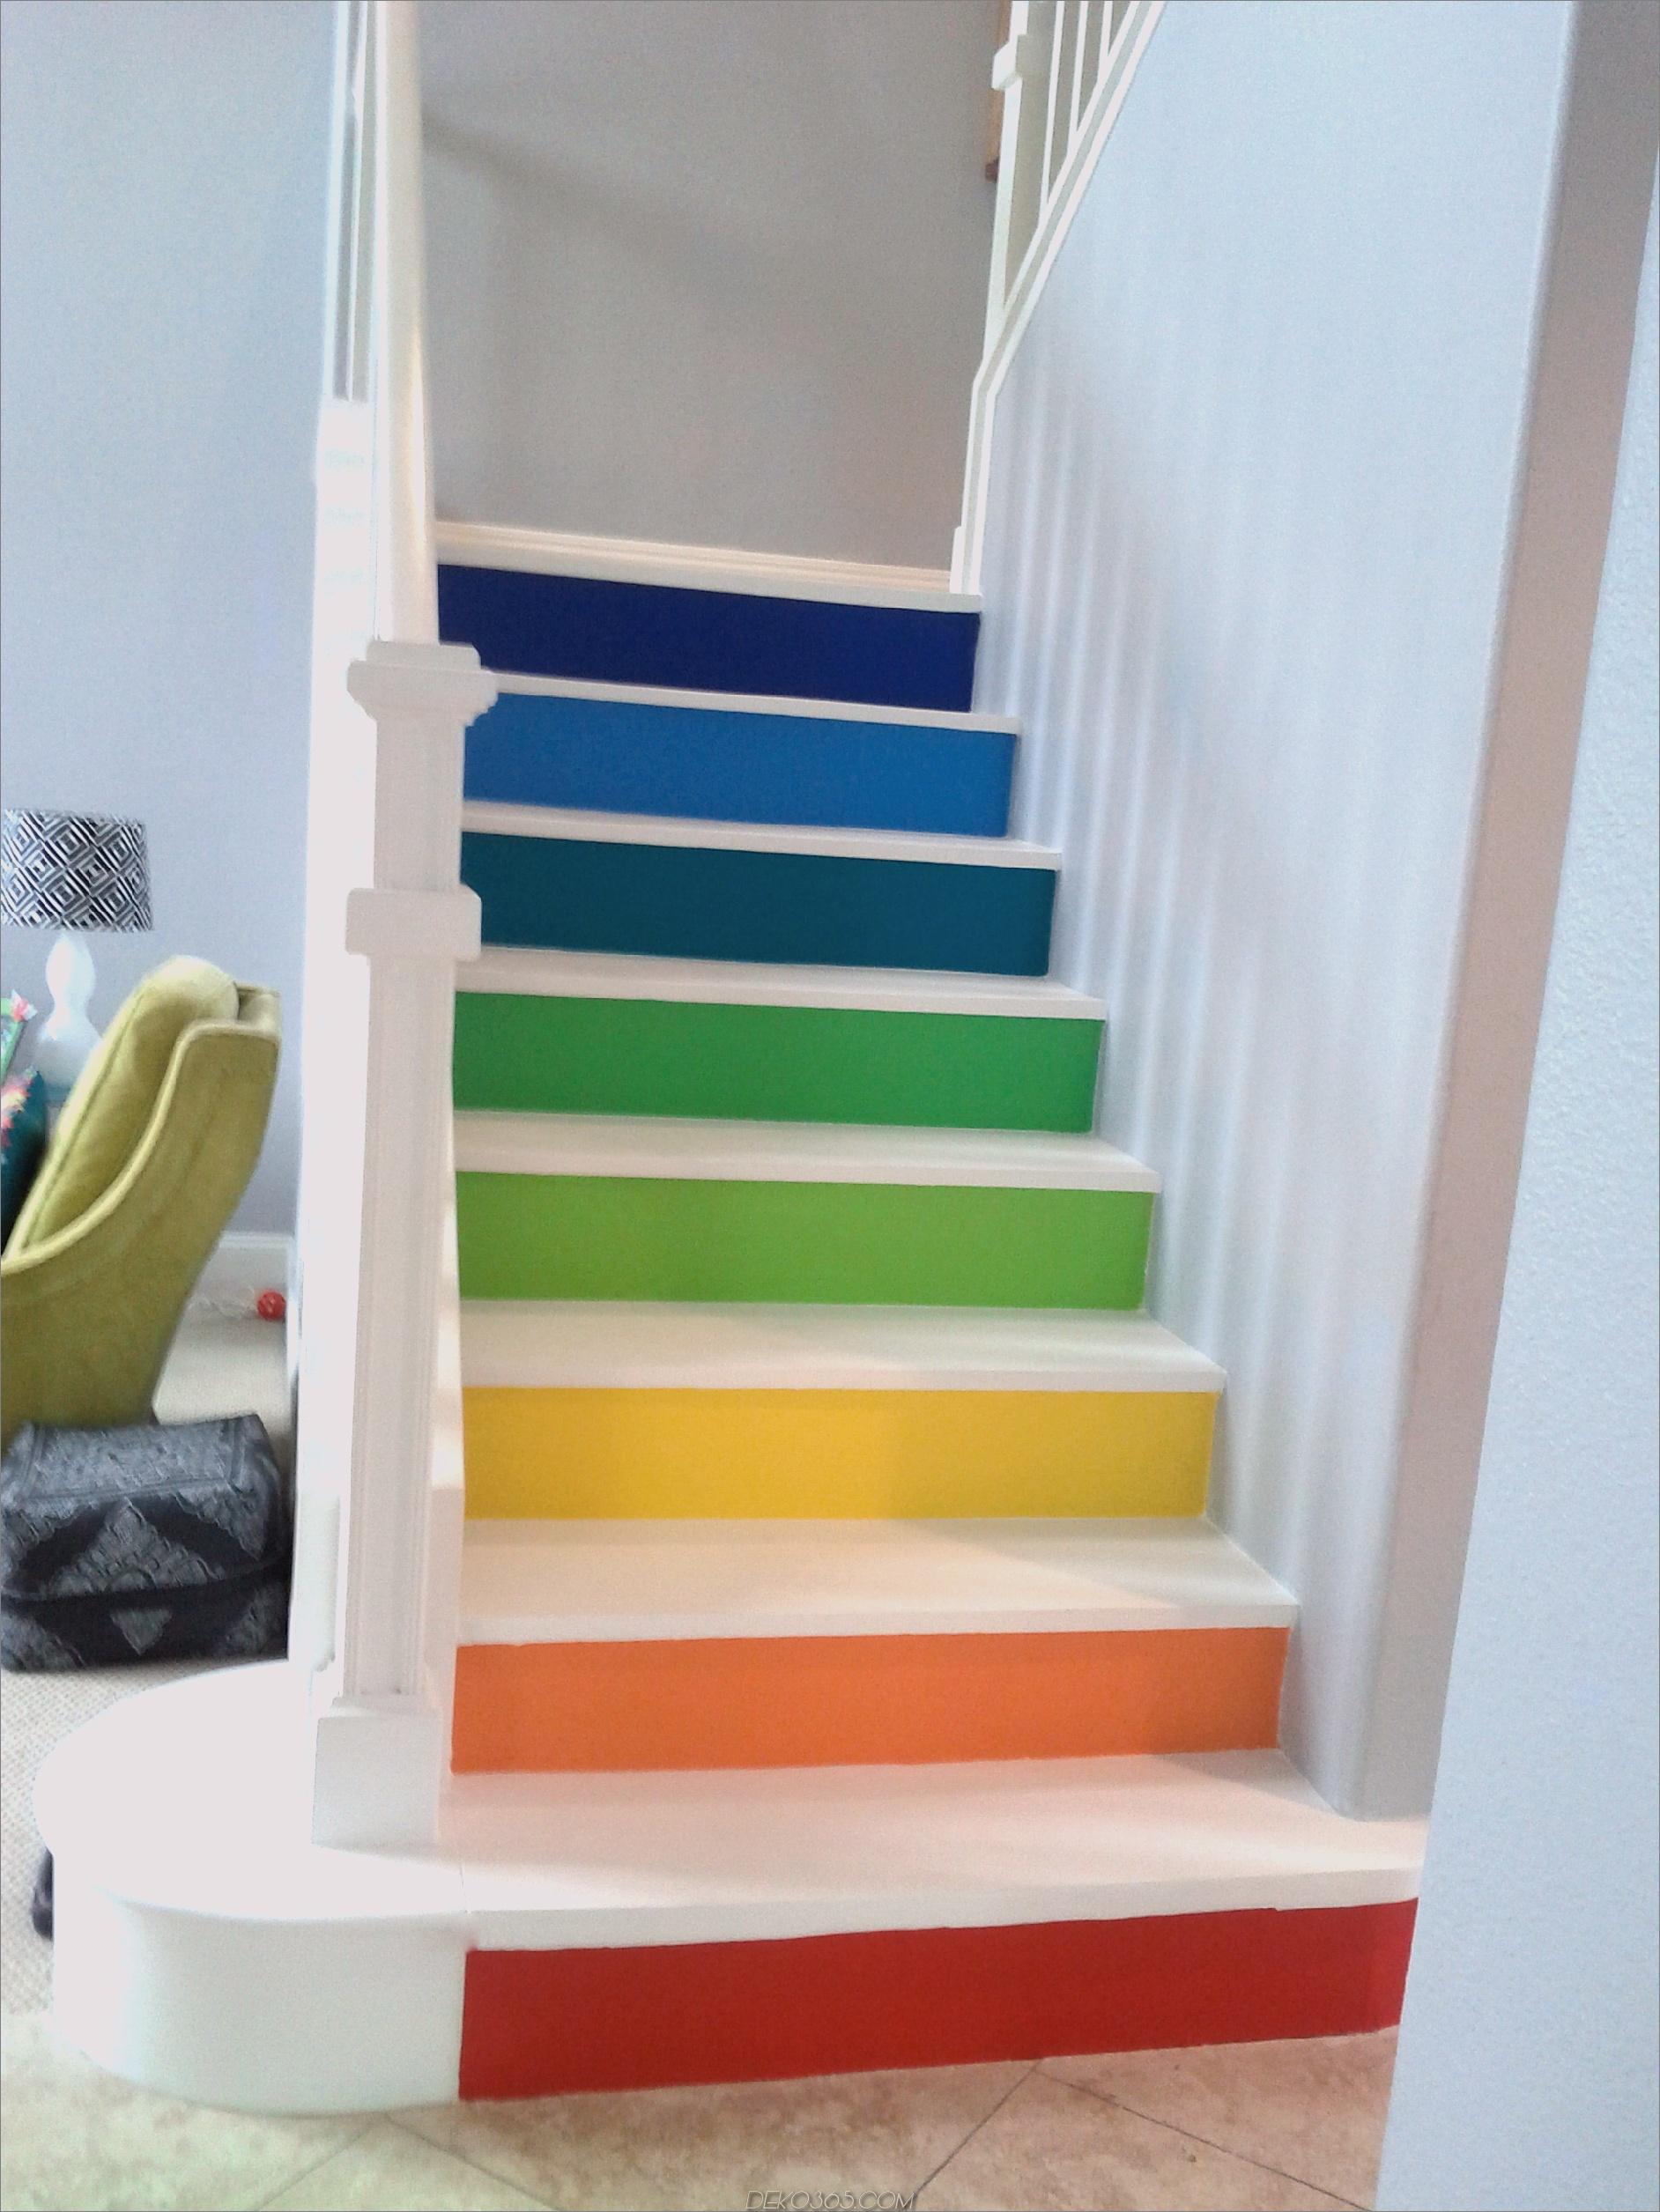 10 kreative Möglichkeiten zur Aktualisierung Ihrer Treppe_5c58bb03e4103.jpg